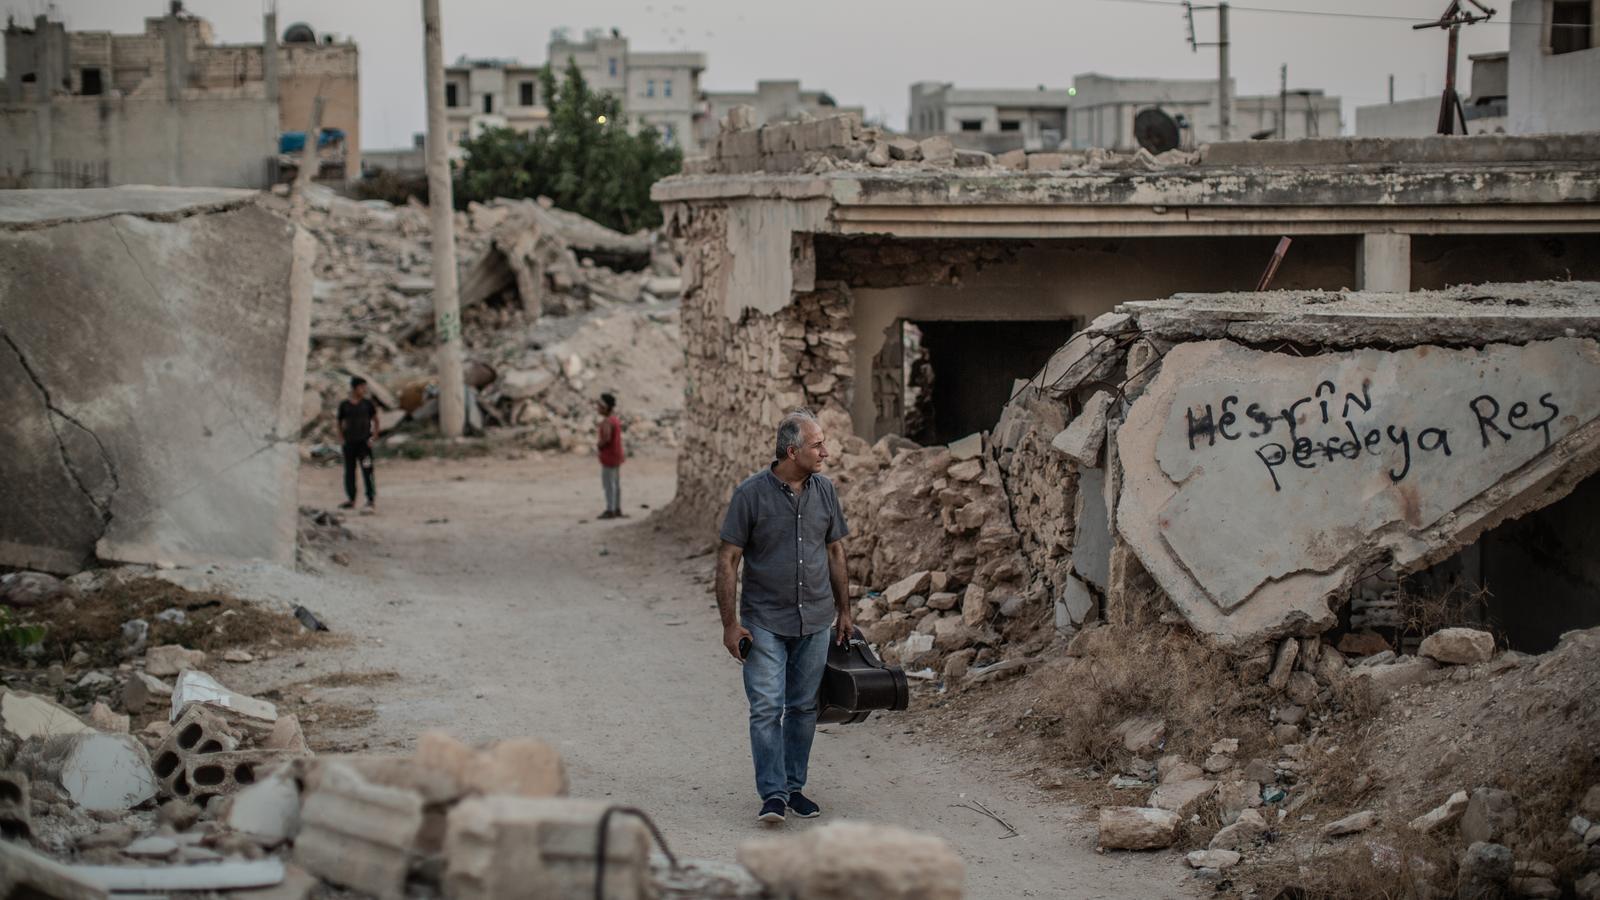 El Gani recorrent els carrers destrossats de Kobane